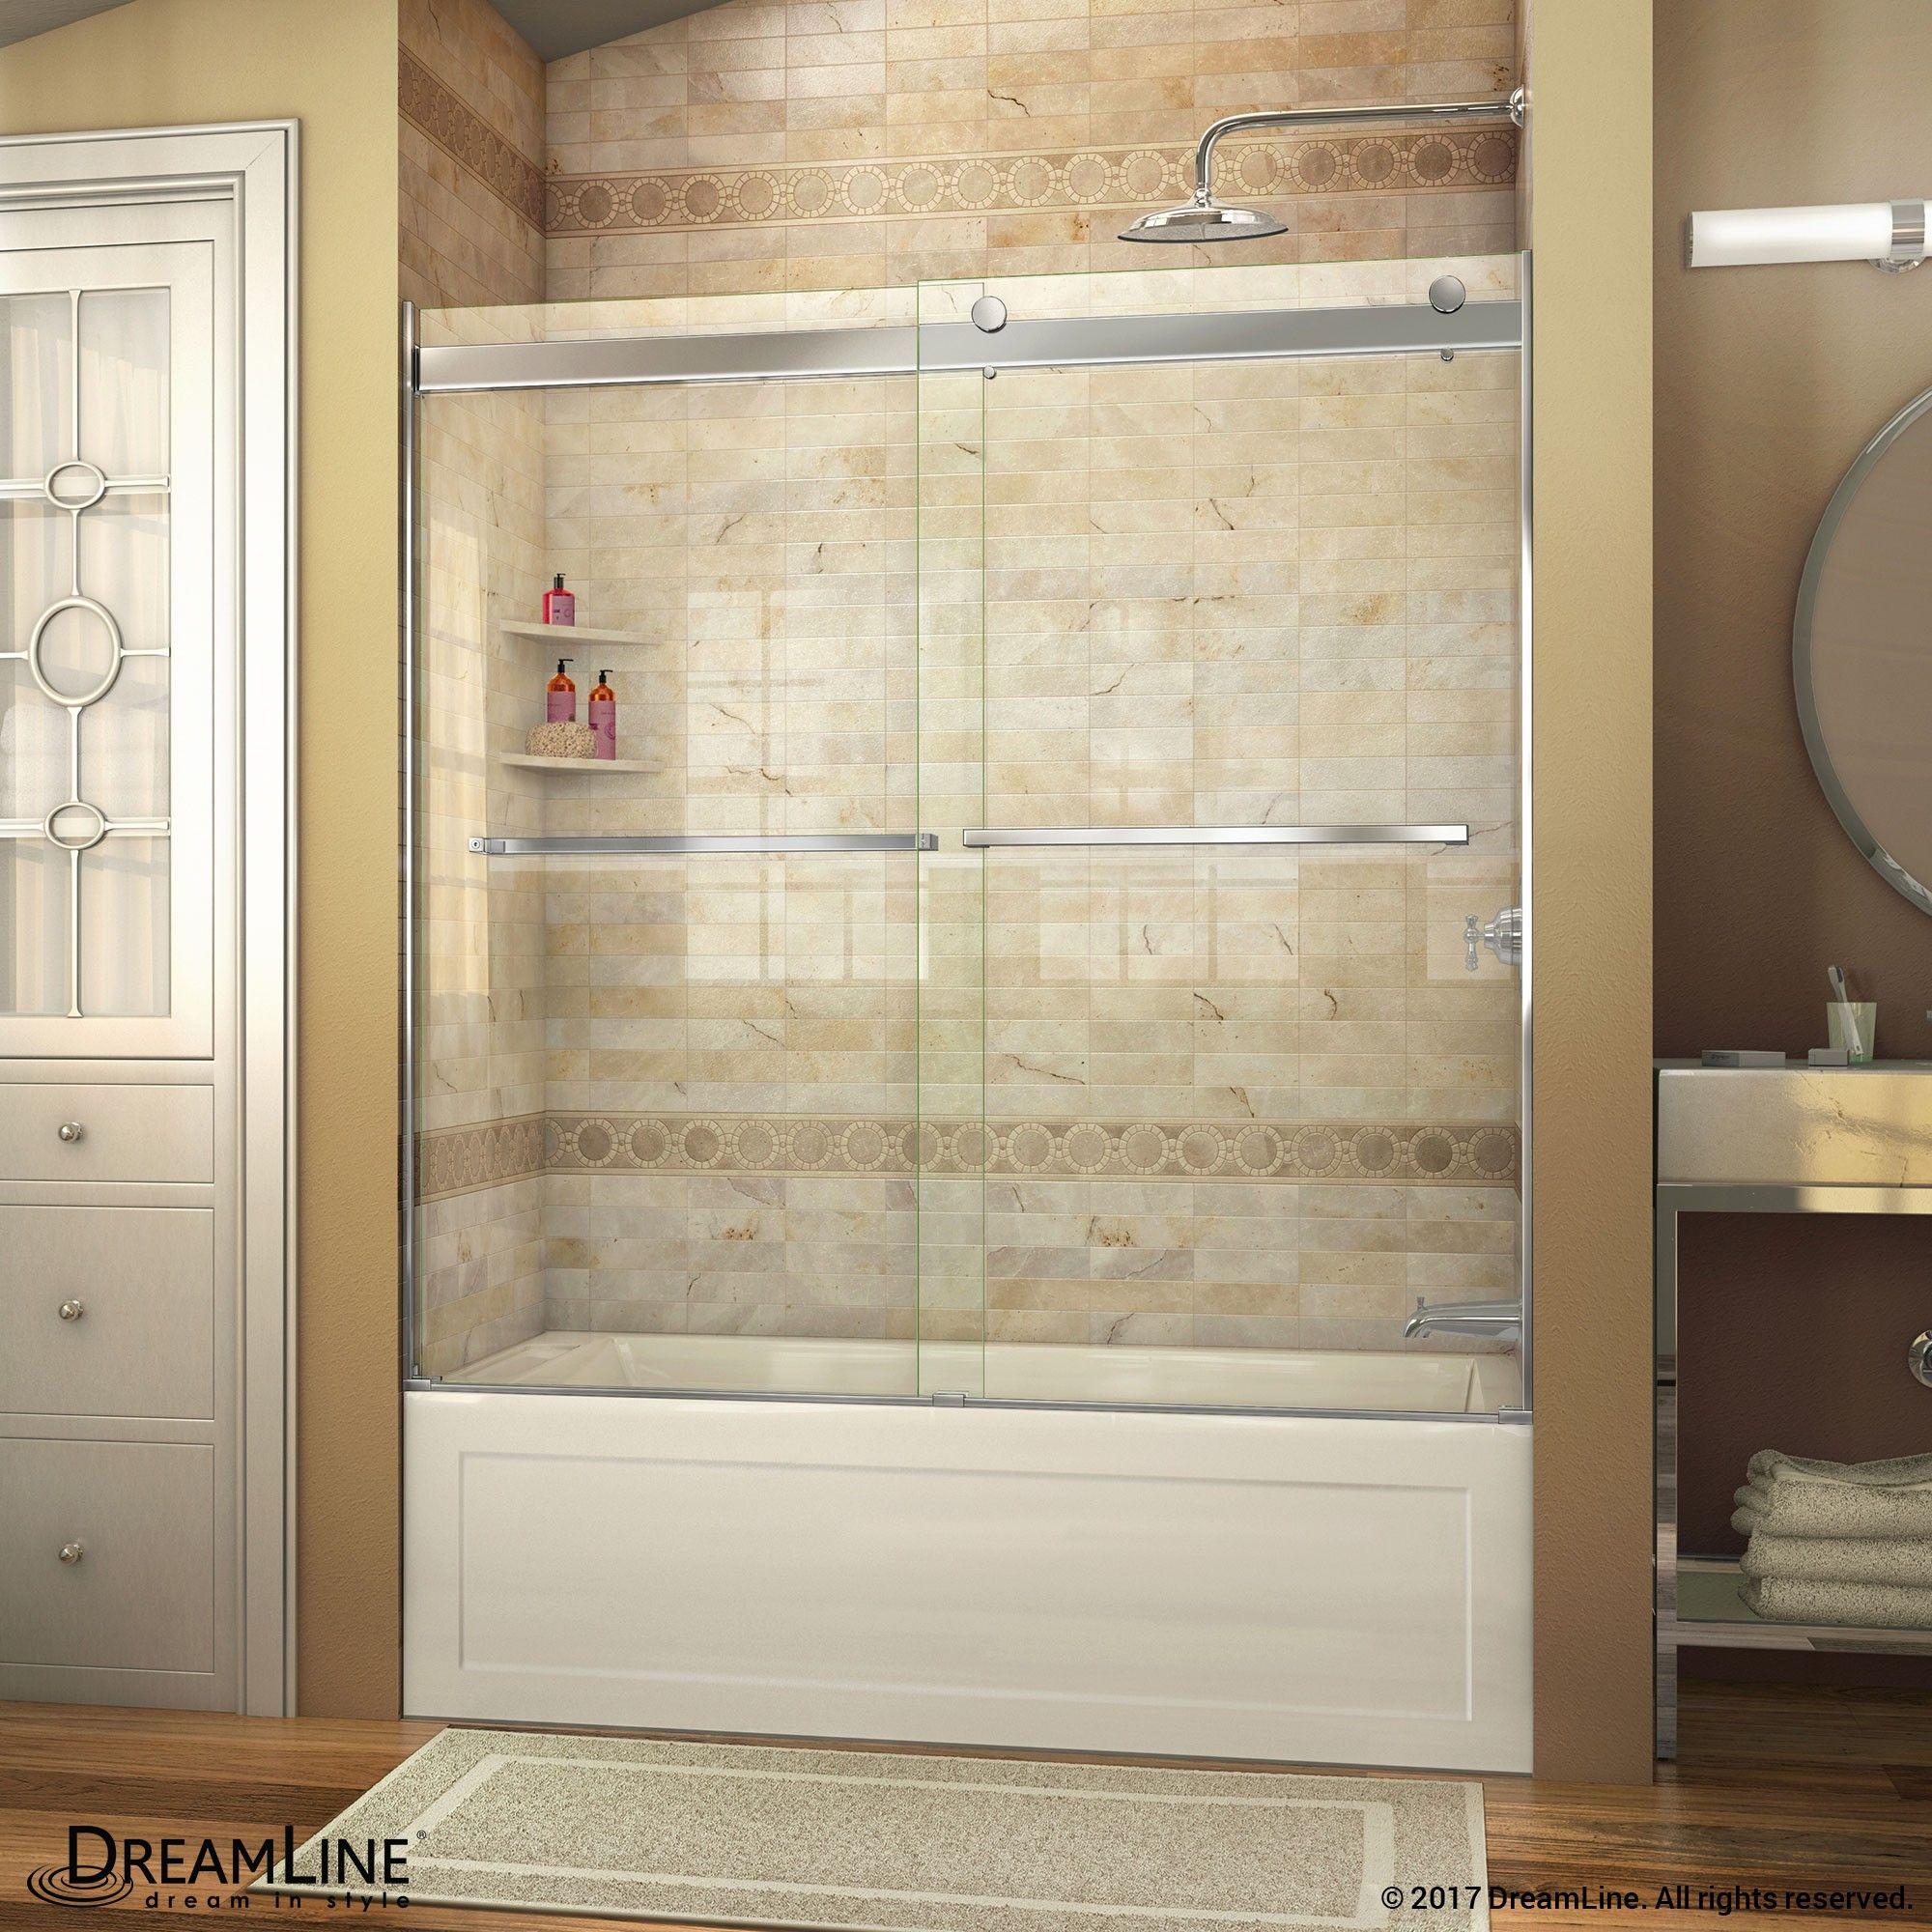 The Dreamline Essence Frameless Sliding Bypass Tub Door Showcases